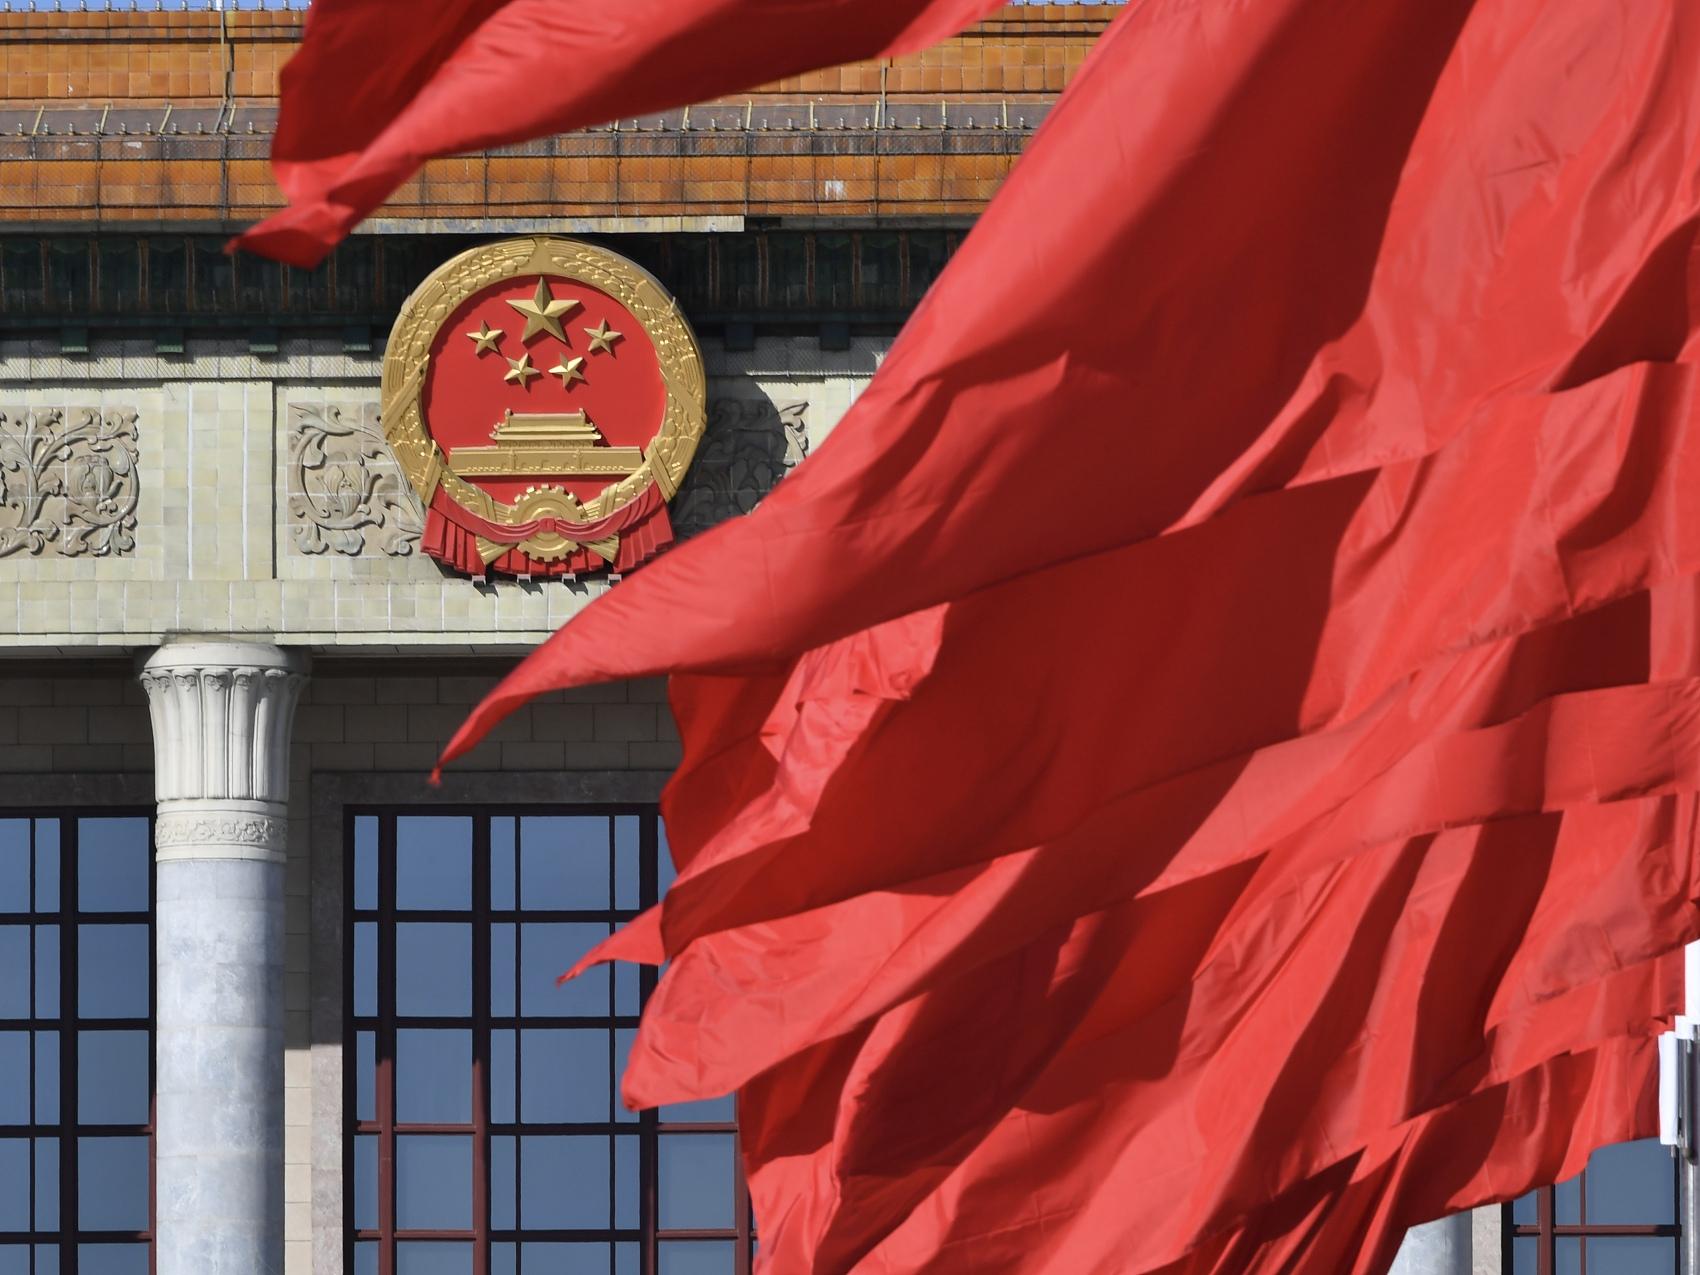 六十一年沧桑巨变凸显中国特色社会主义制度的无比优越性